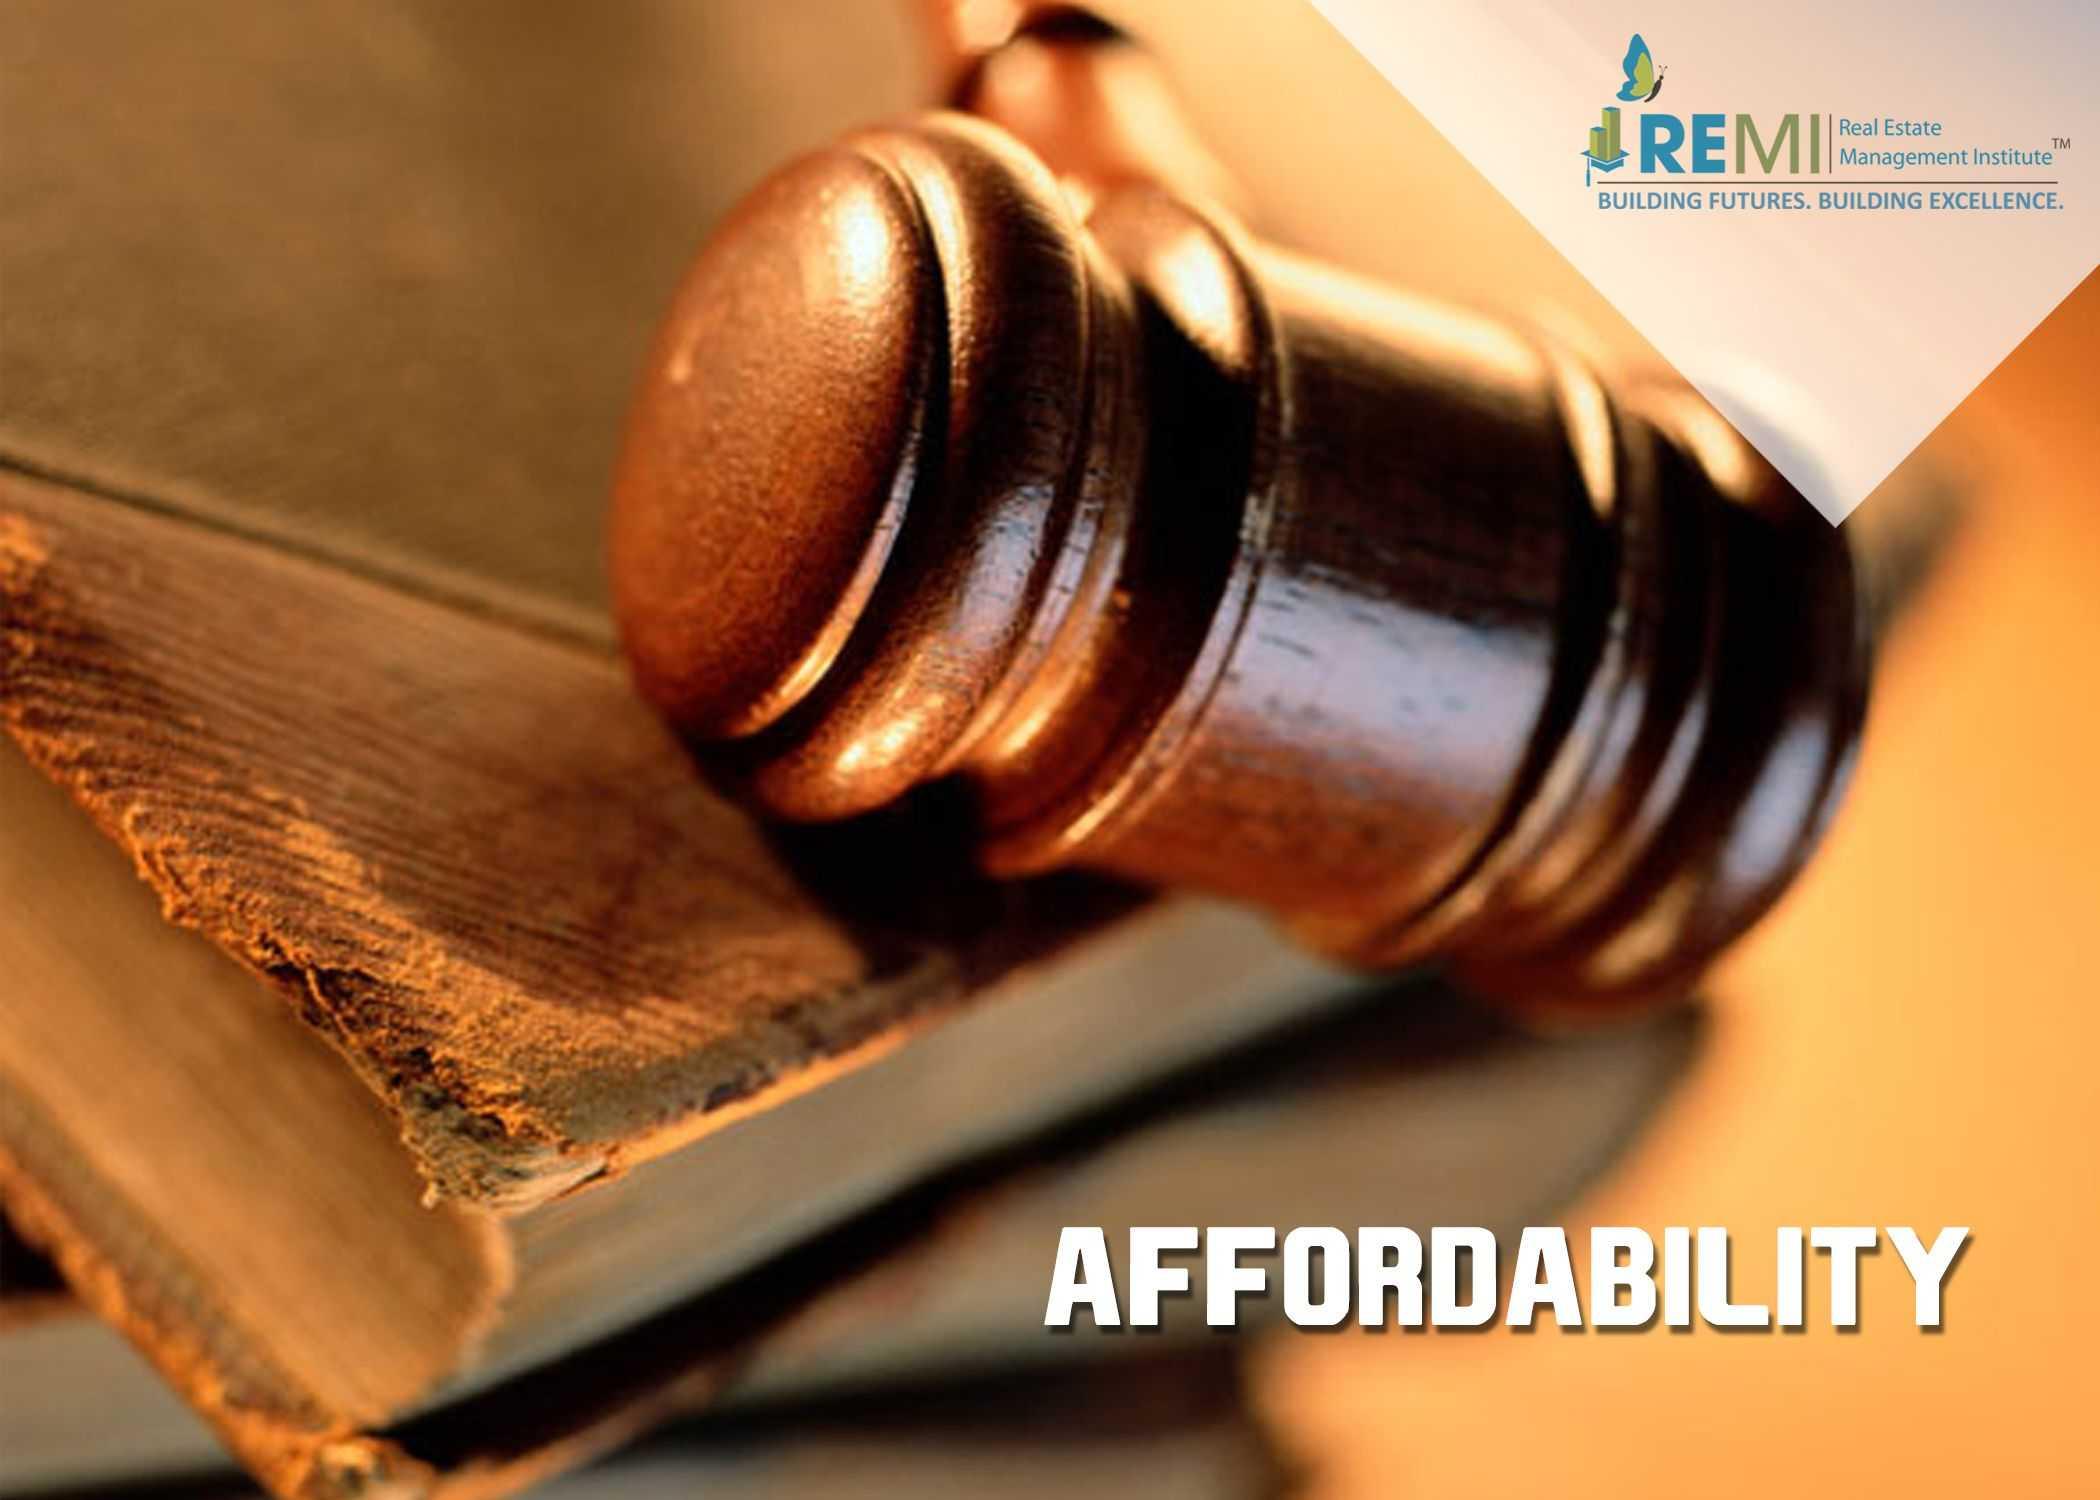 affordability fb post